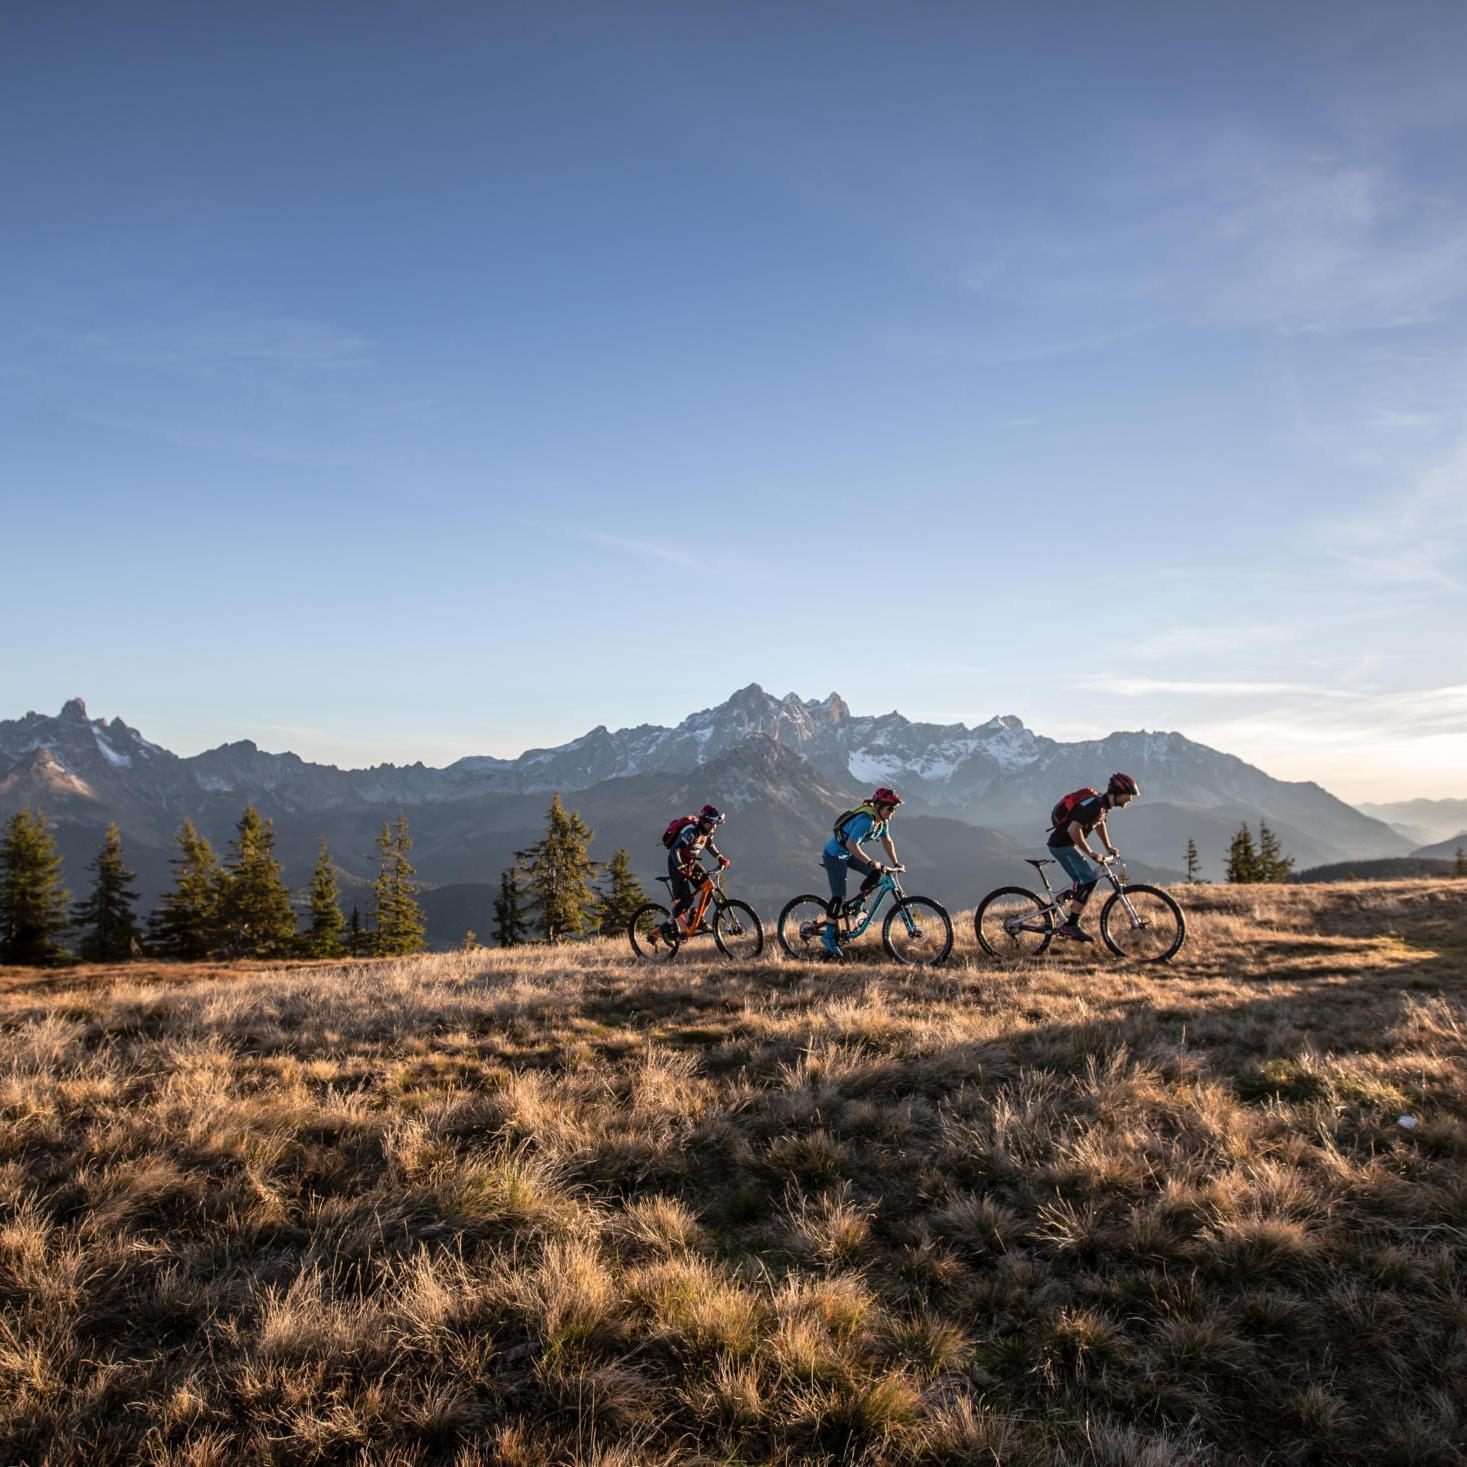 Stoneman-Taurista-Mountainbike-Österreich-Salzburger Land-MTB-Tour-Abenteuer-Event 06